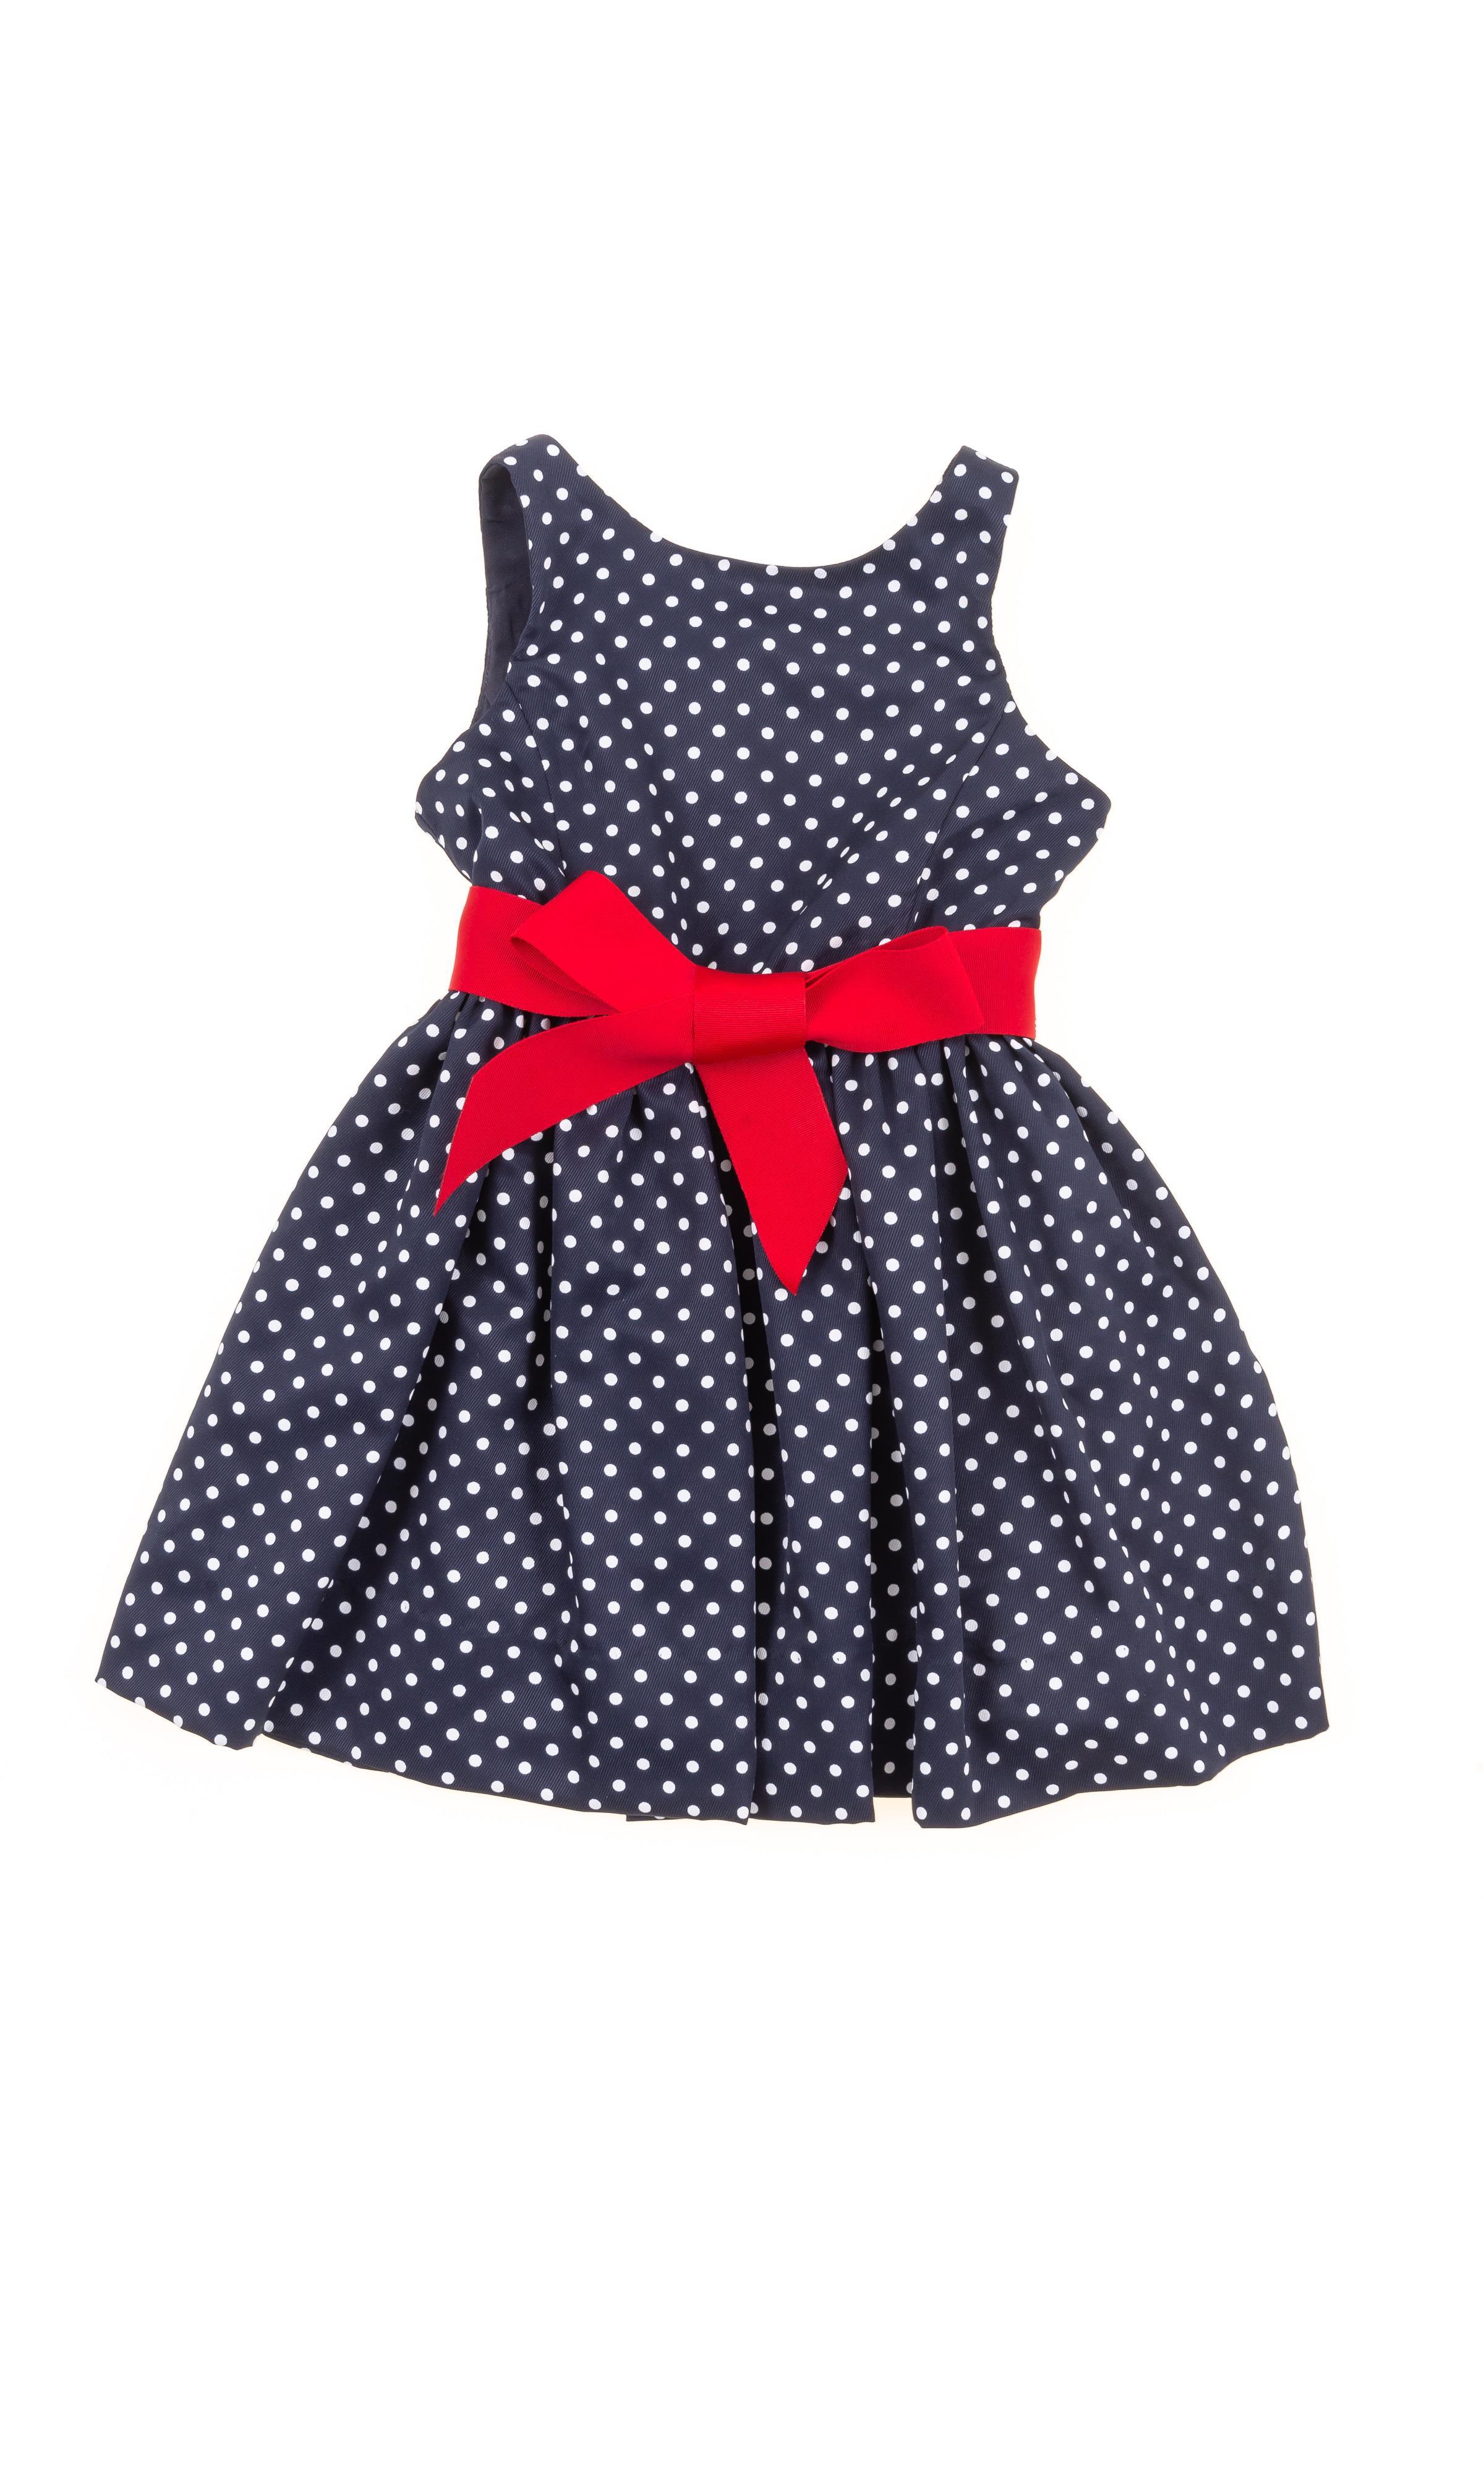 38456423c0 Granatowa sukienka w groszki